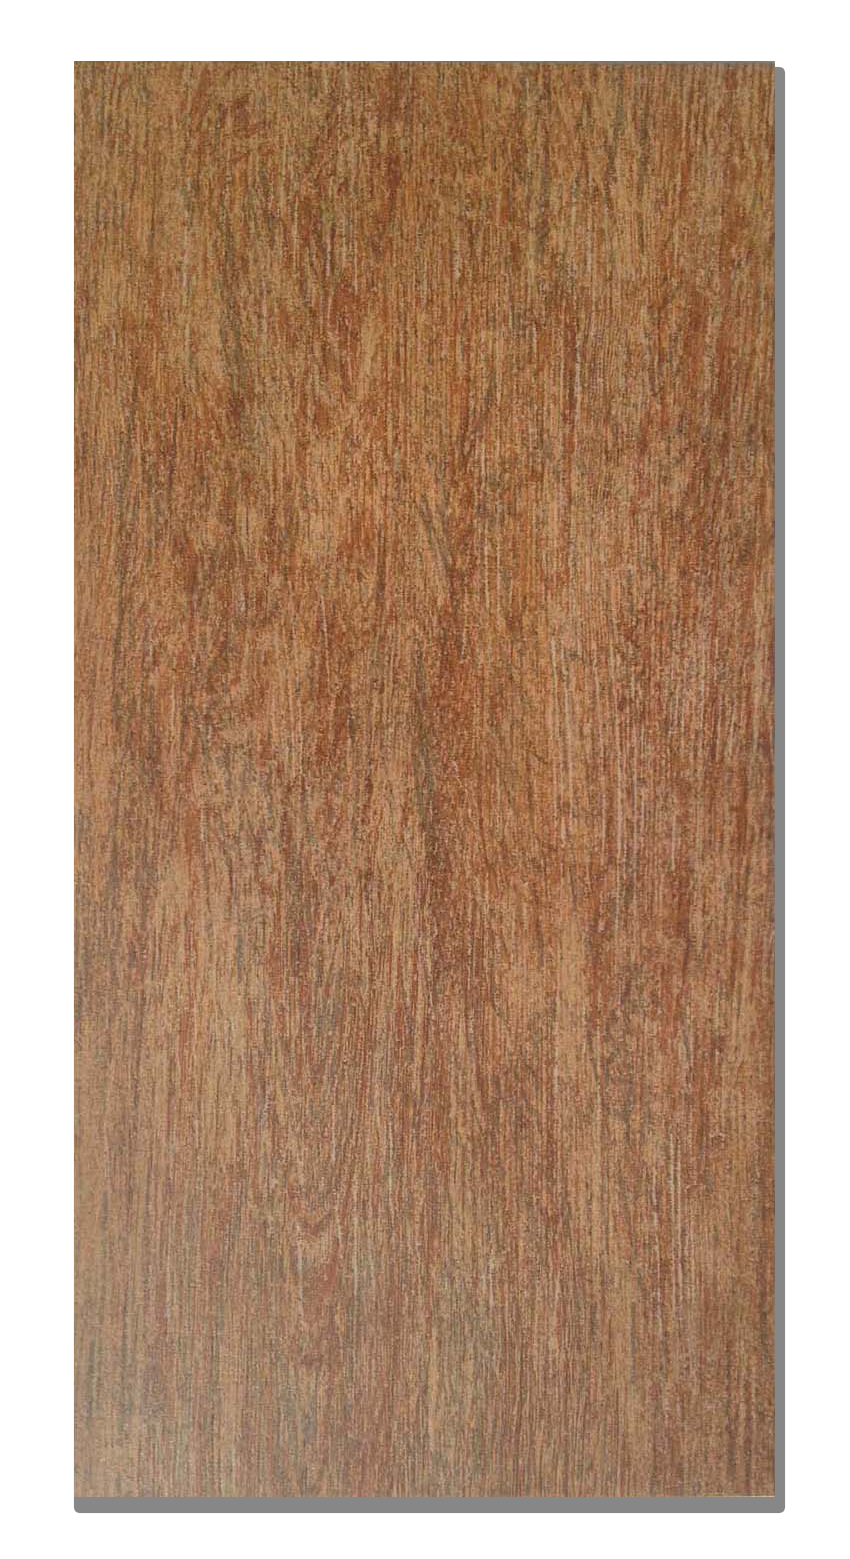 Piastrelle pavimento gres effetto legno acero 30x60 occasione offerta stock ebay - Stock piastrelle effetto legno ...